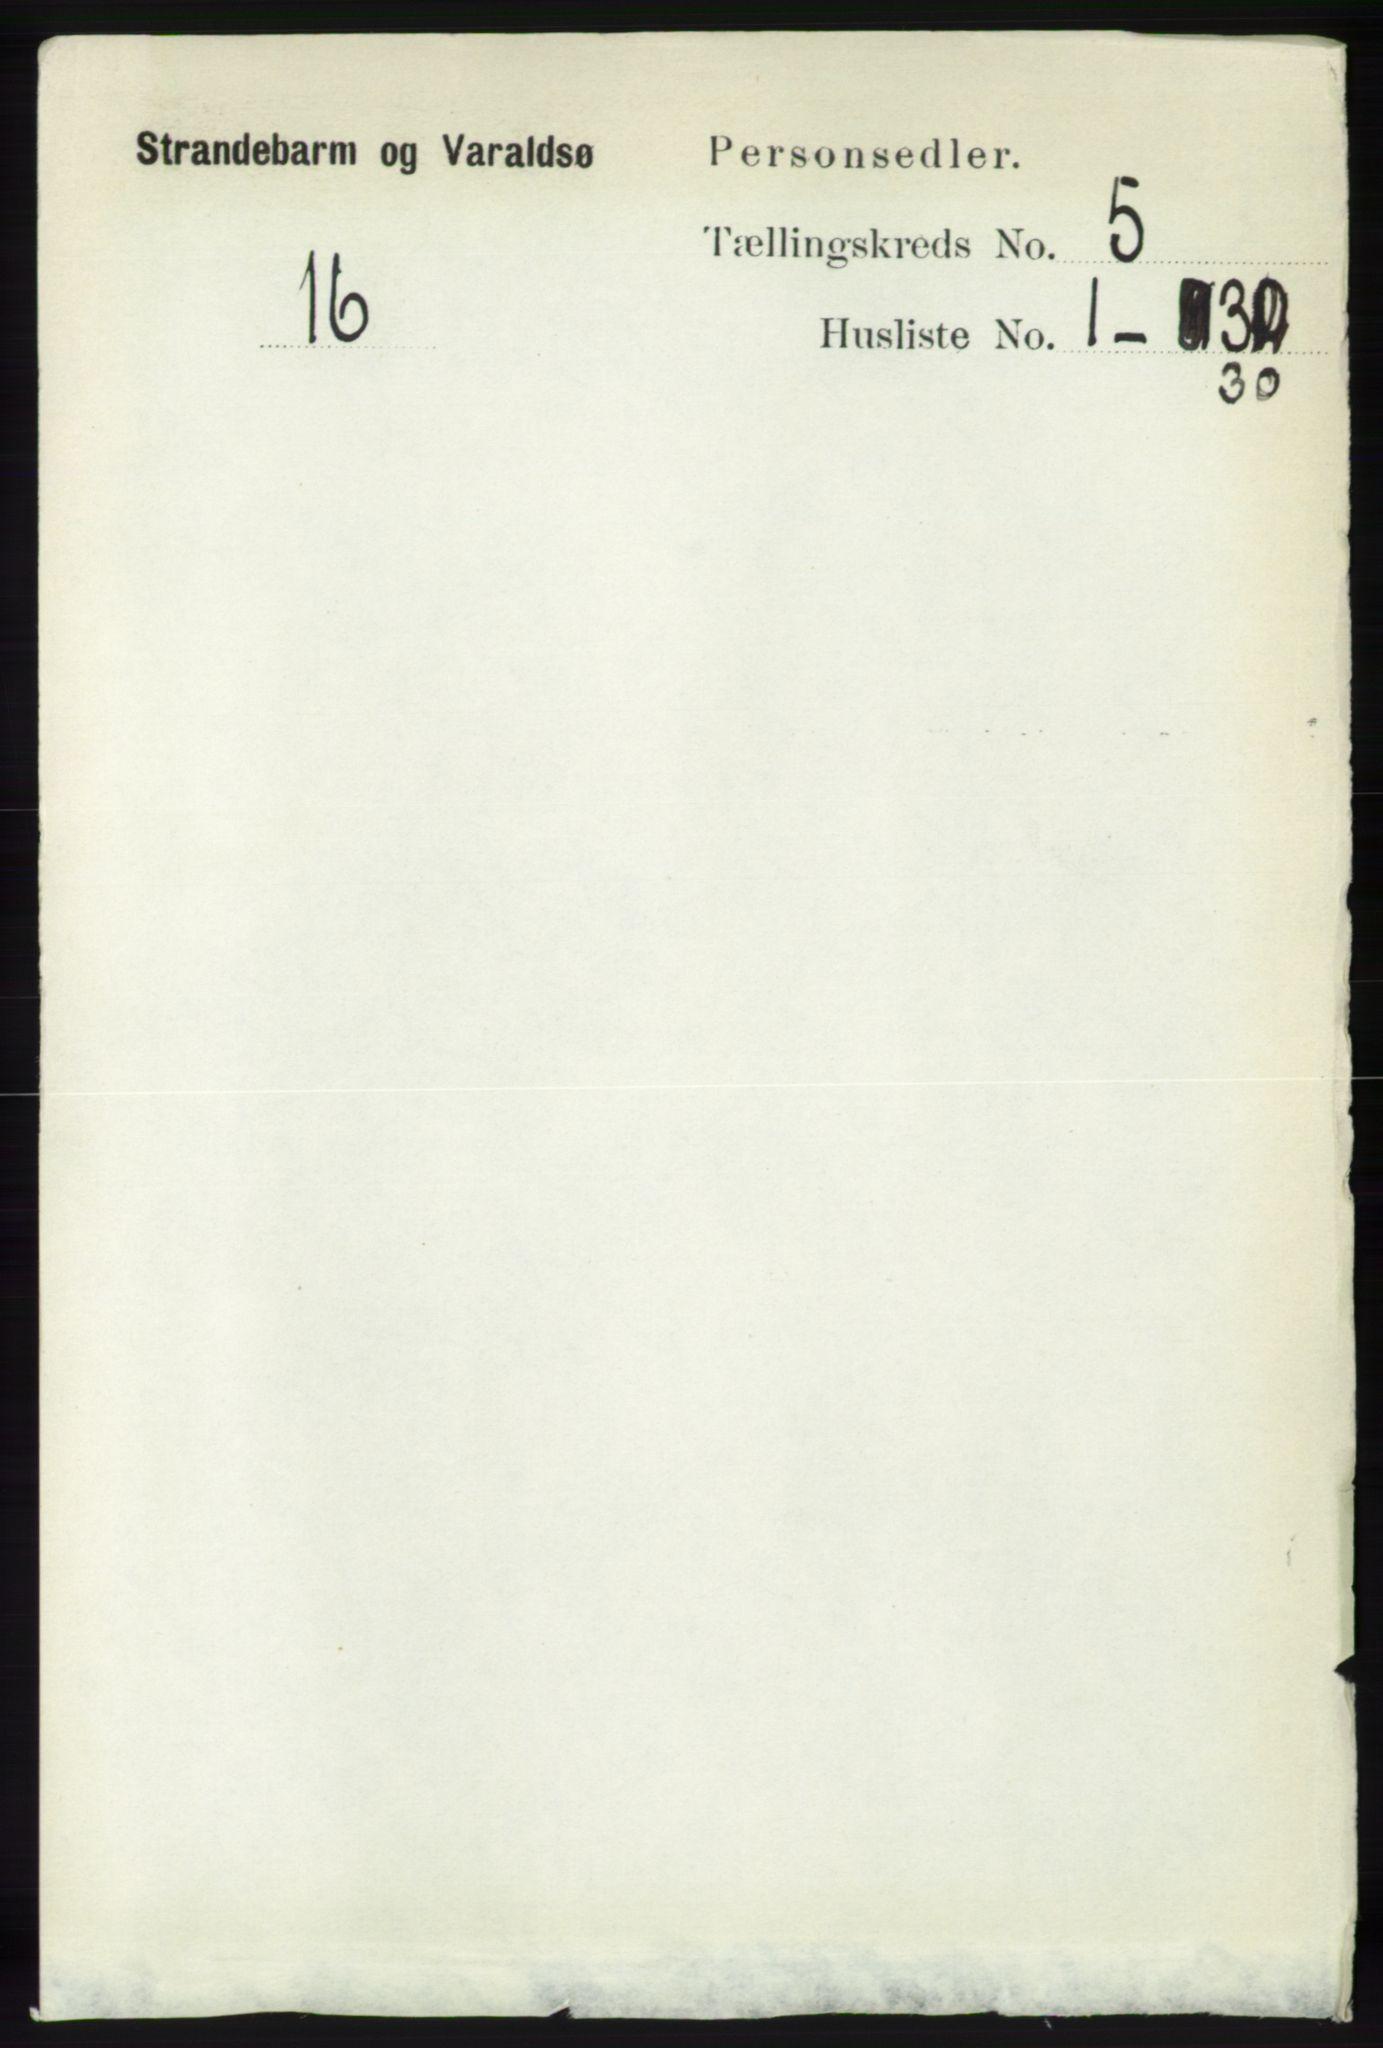 RA, Folketelling 1891 for 1226 Strandebarm og Varaldsøy herred, 1891, s. 1886